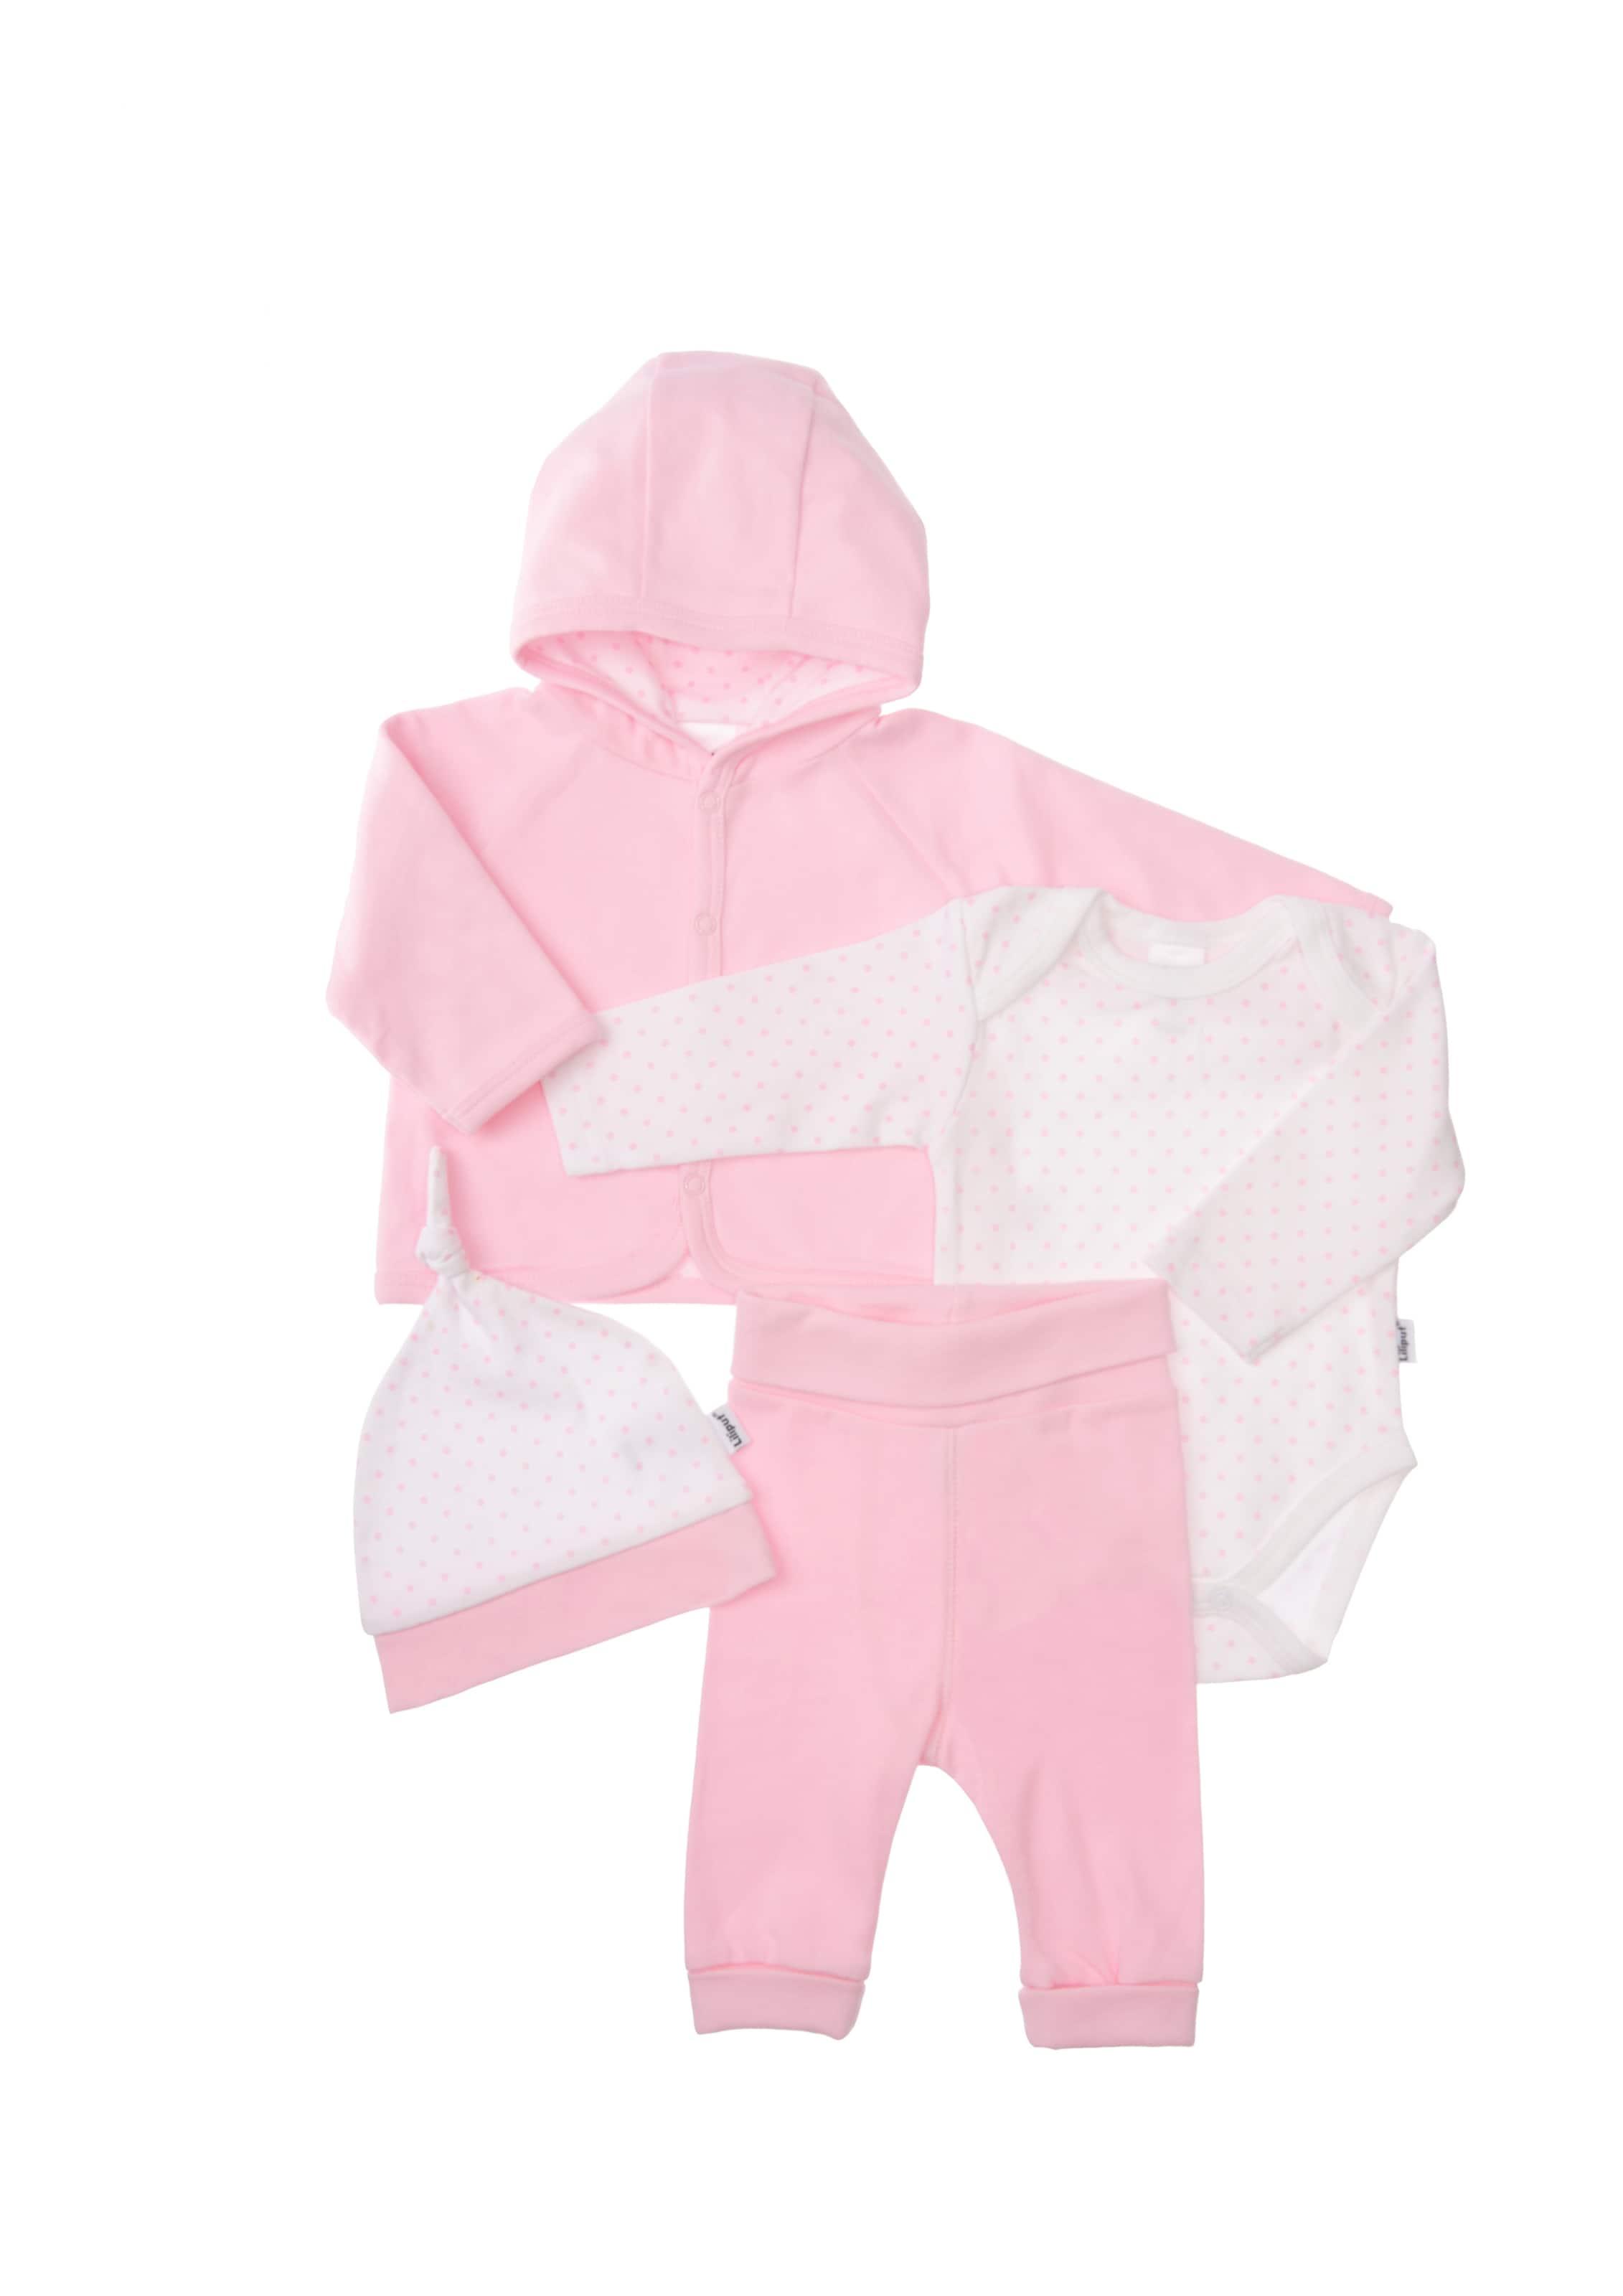 Kinder,  Mädchen,  Kinder LILIPUT Starterpaket rosa,  weiß   04035413042251